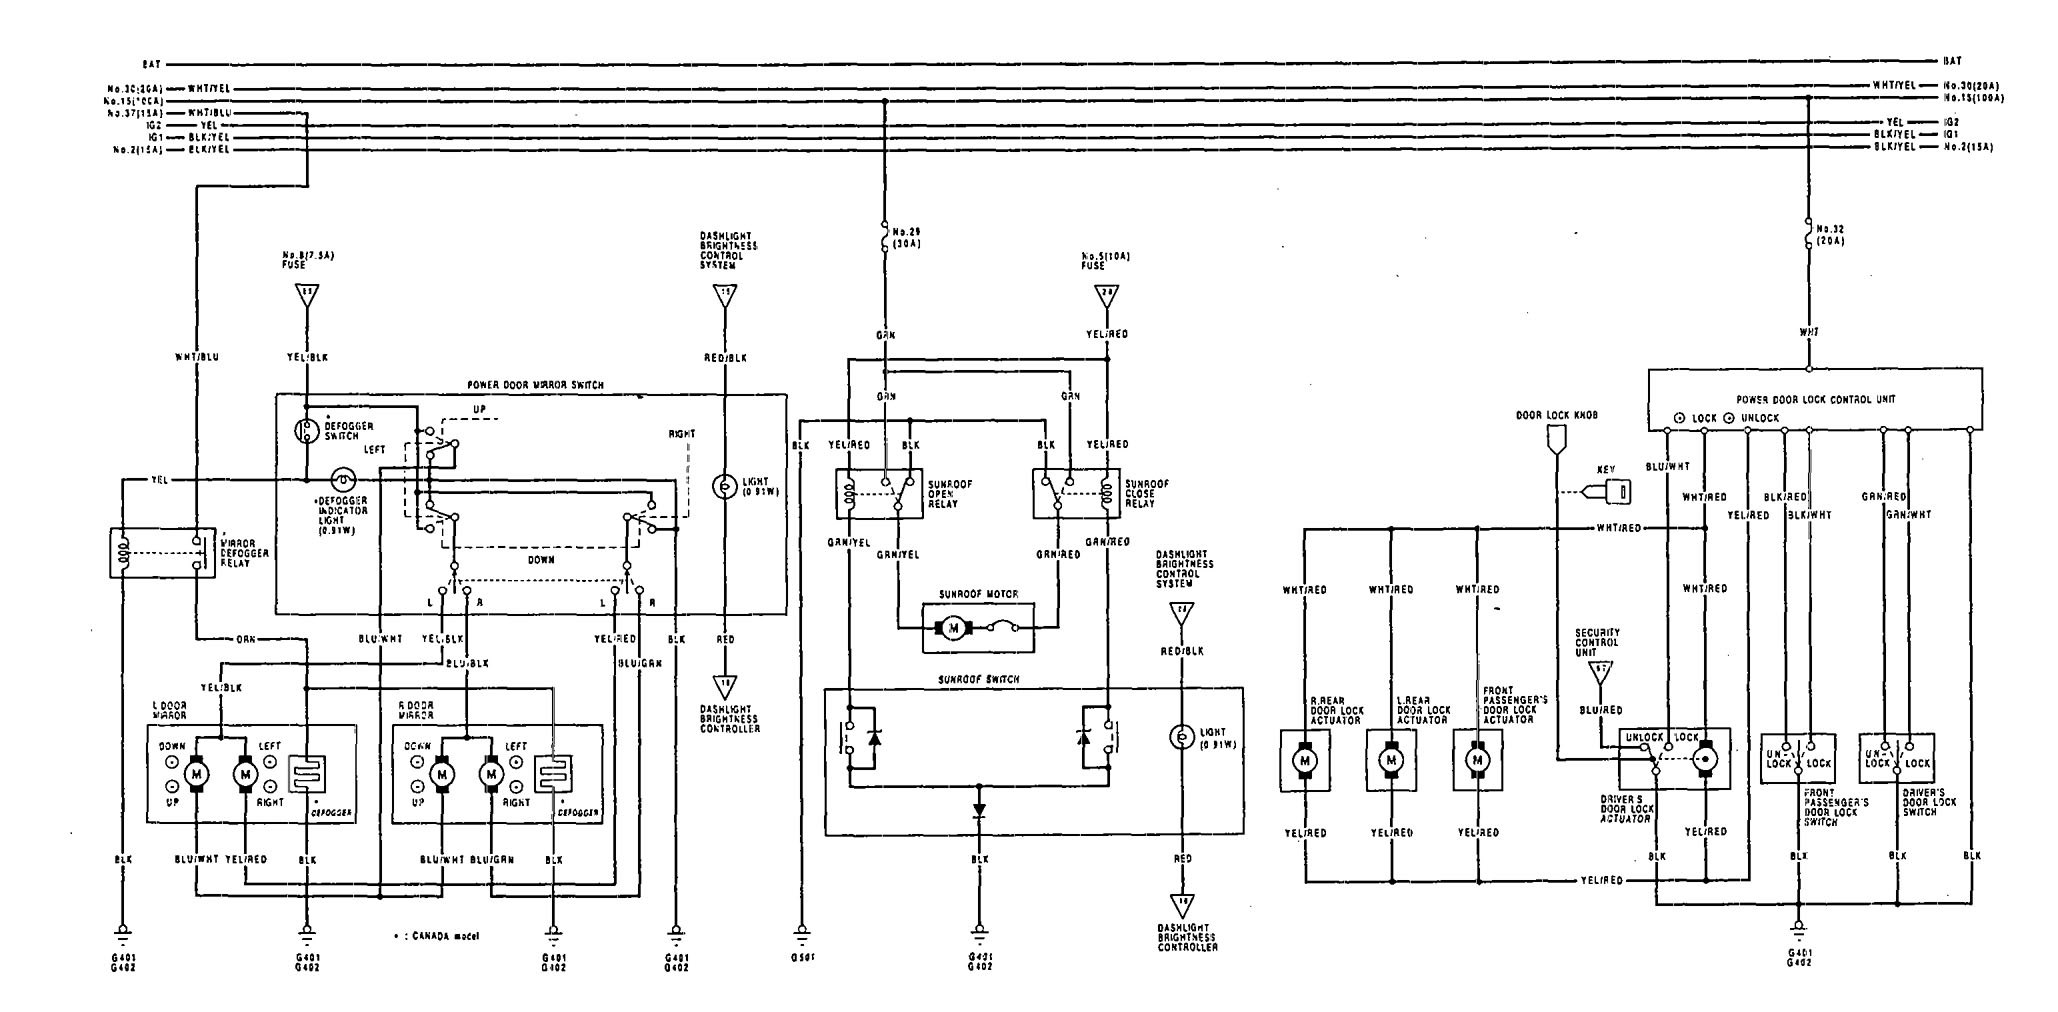 1992 acura vigor fuse diagram acura vigor  1992 1993  wiring diagrams sun roof carknowledge  acura vigor  1992 1993  wiring